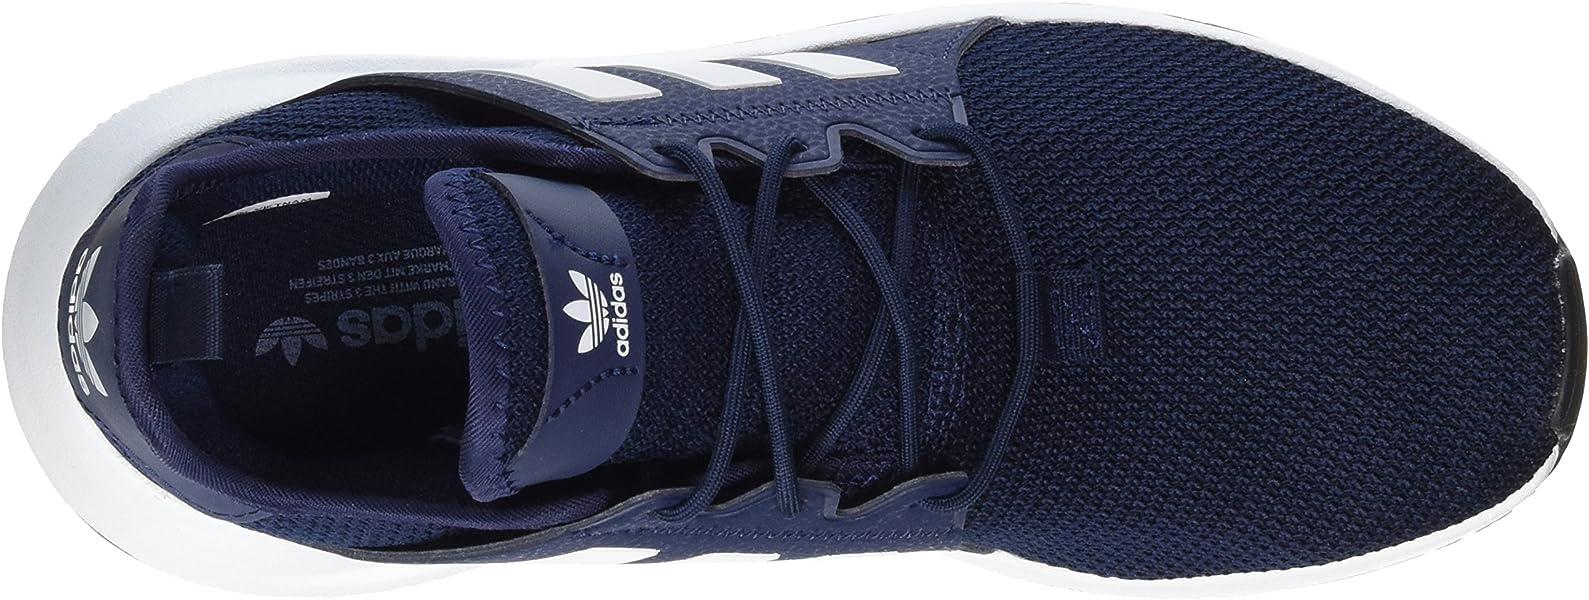 ADIDAS ORIGINALS Herren X_PLR Sneaker, Blau (Maruni Ftwbla